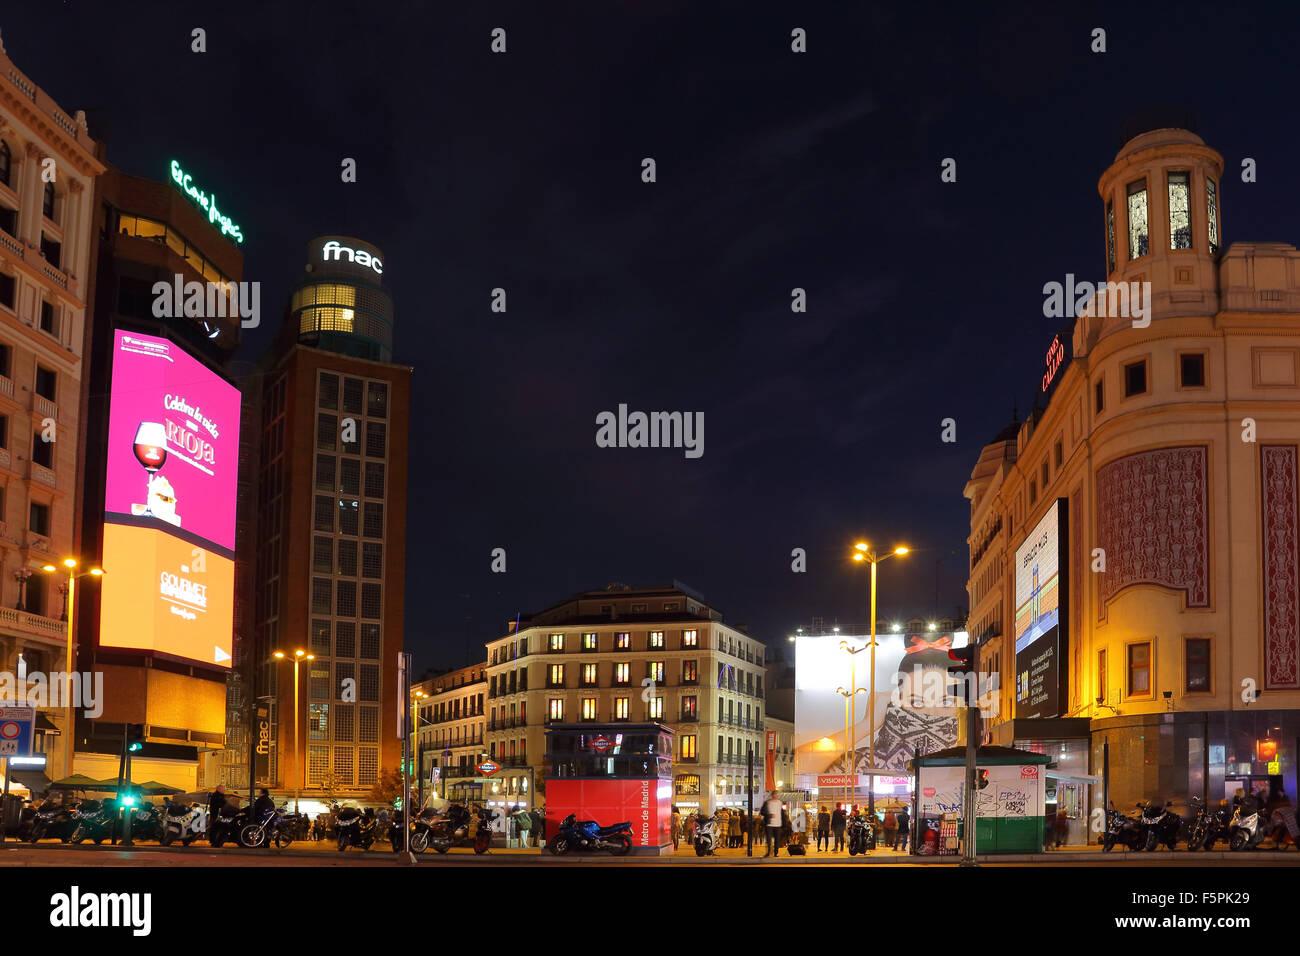 Nacht-Foto von Plaza Callao in Madrid mit der Medikamente Callao, FNAC und El Corte Inglés Gebäude. Stockbild